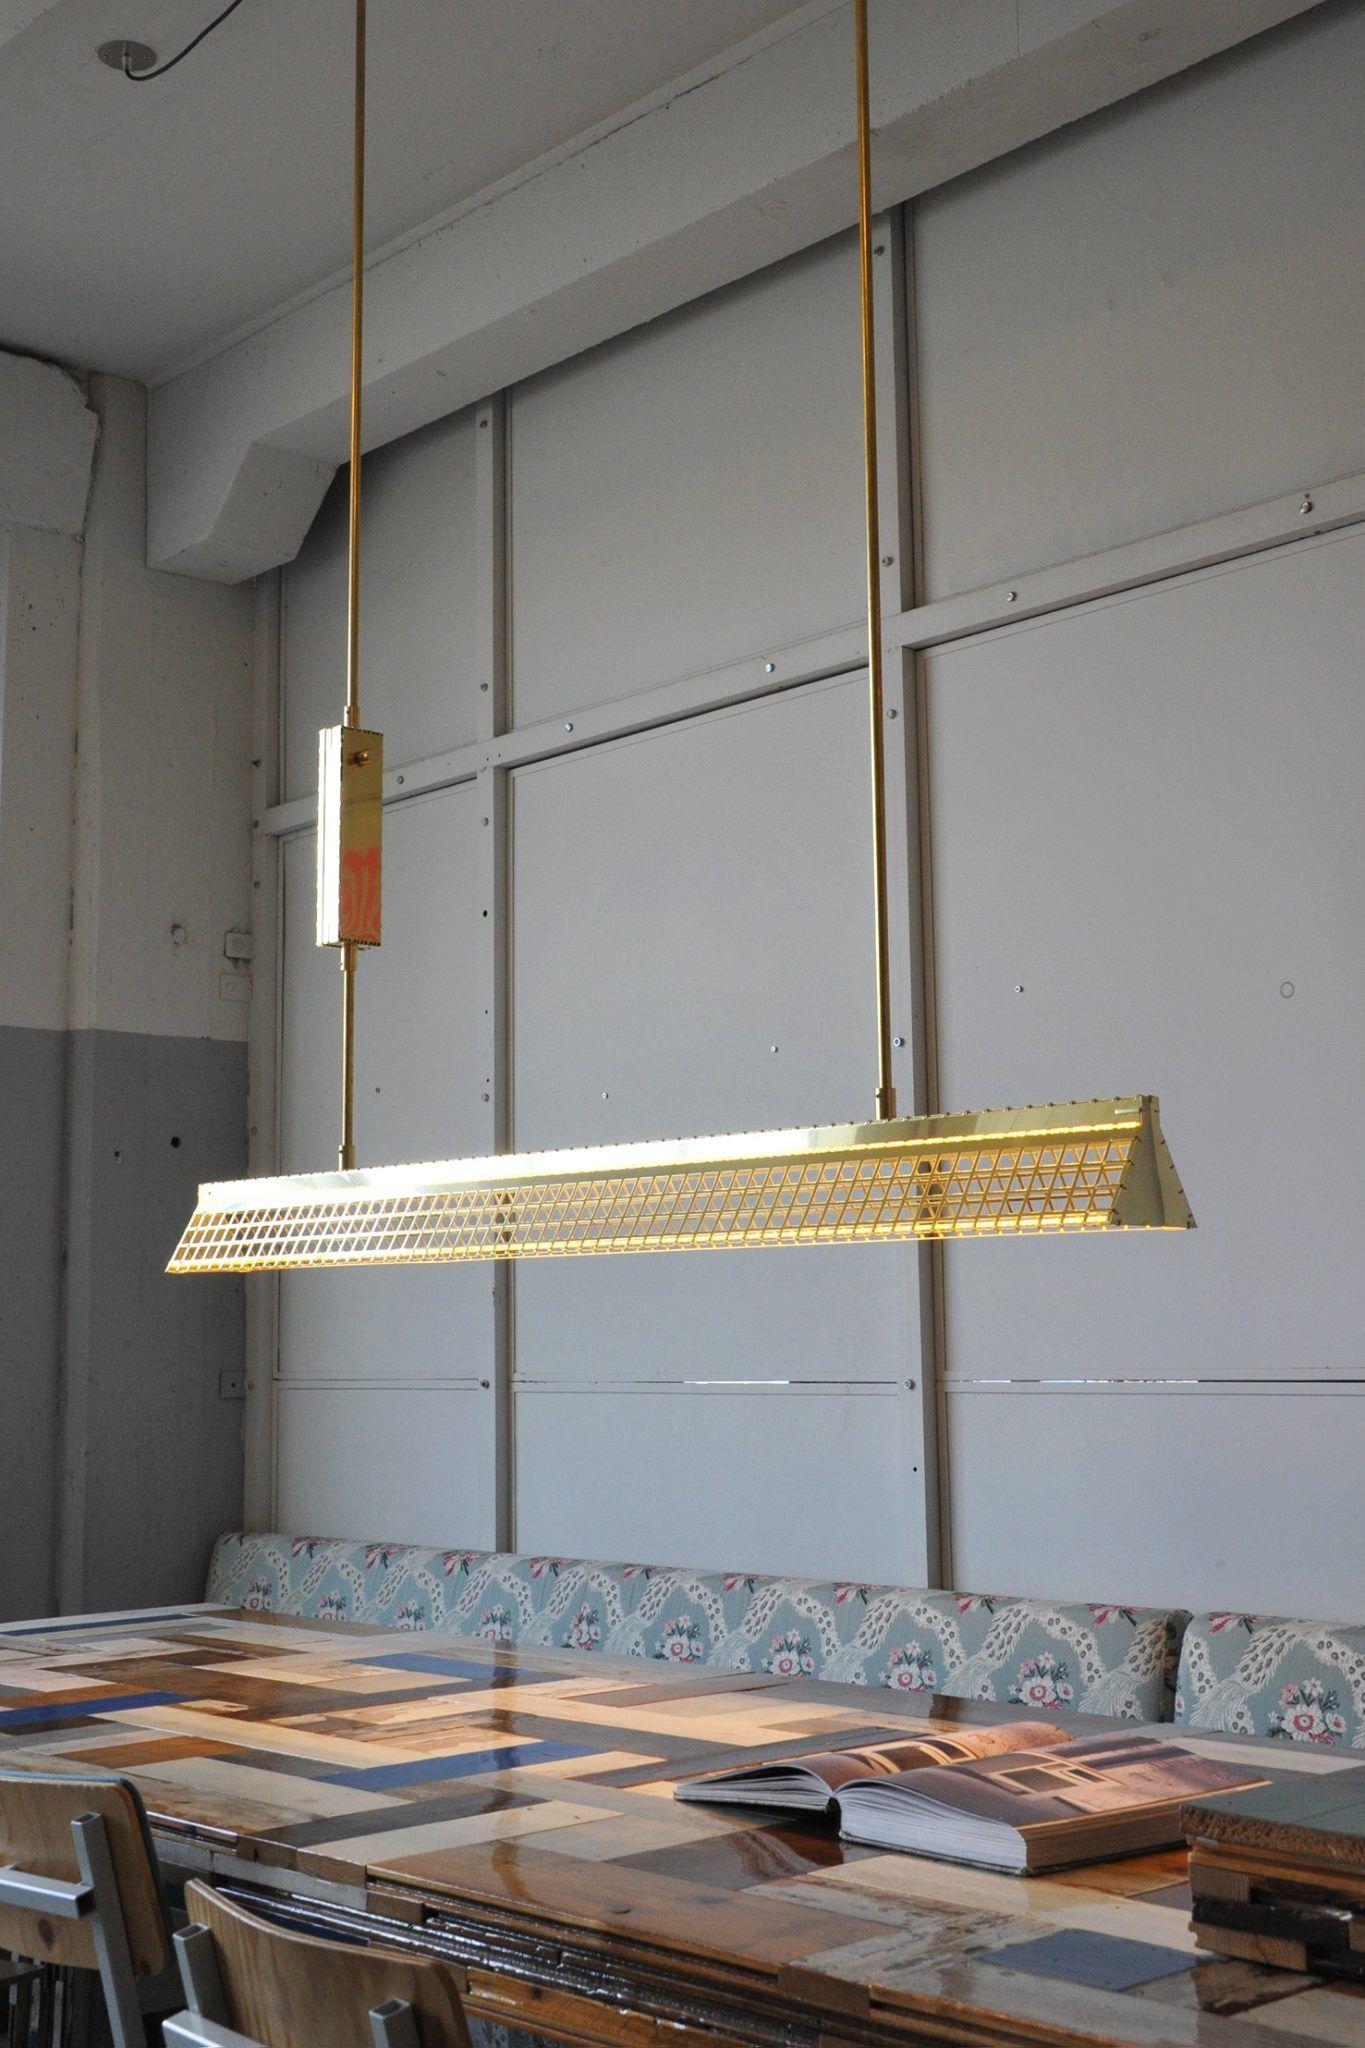 architektur, design, holland, möbel, niederlande, piet hein